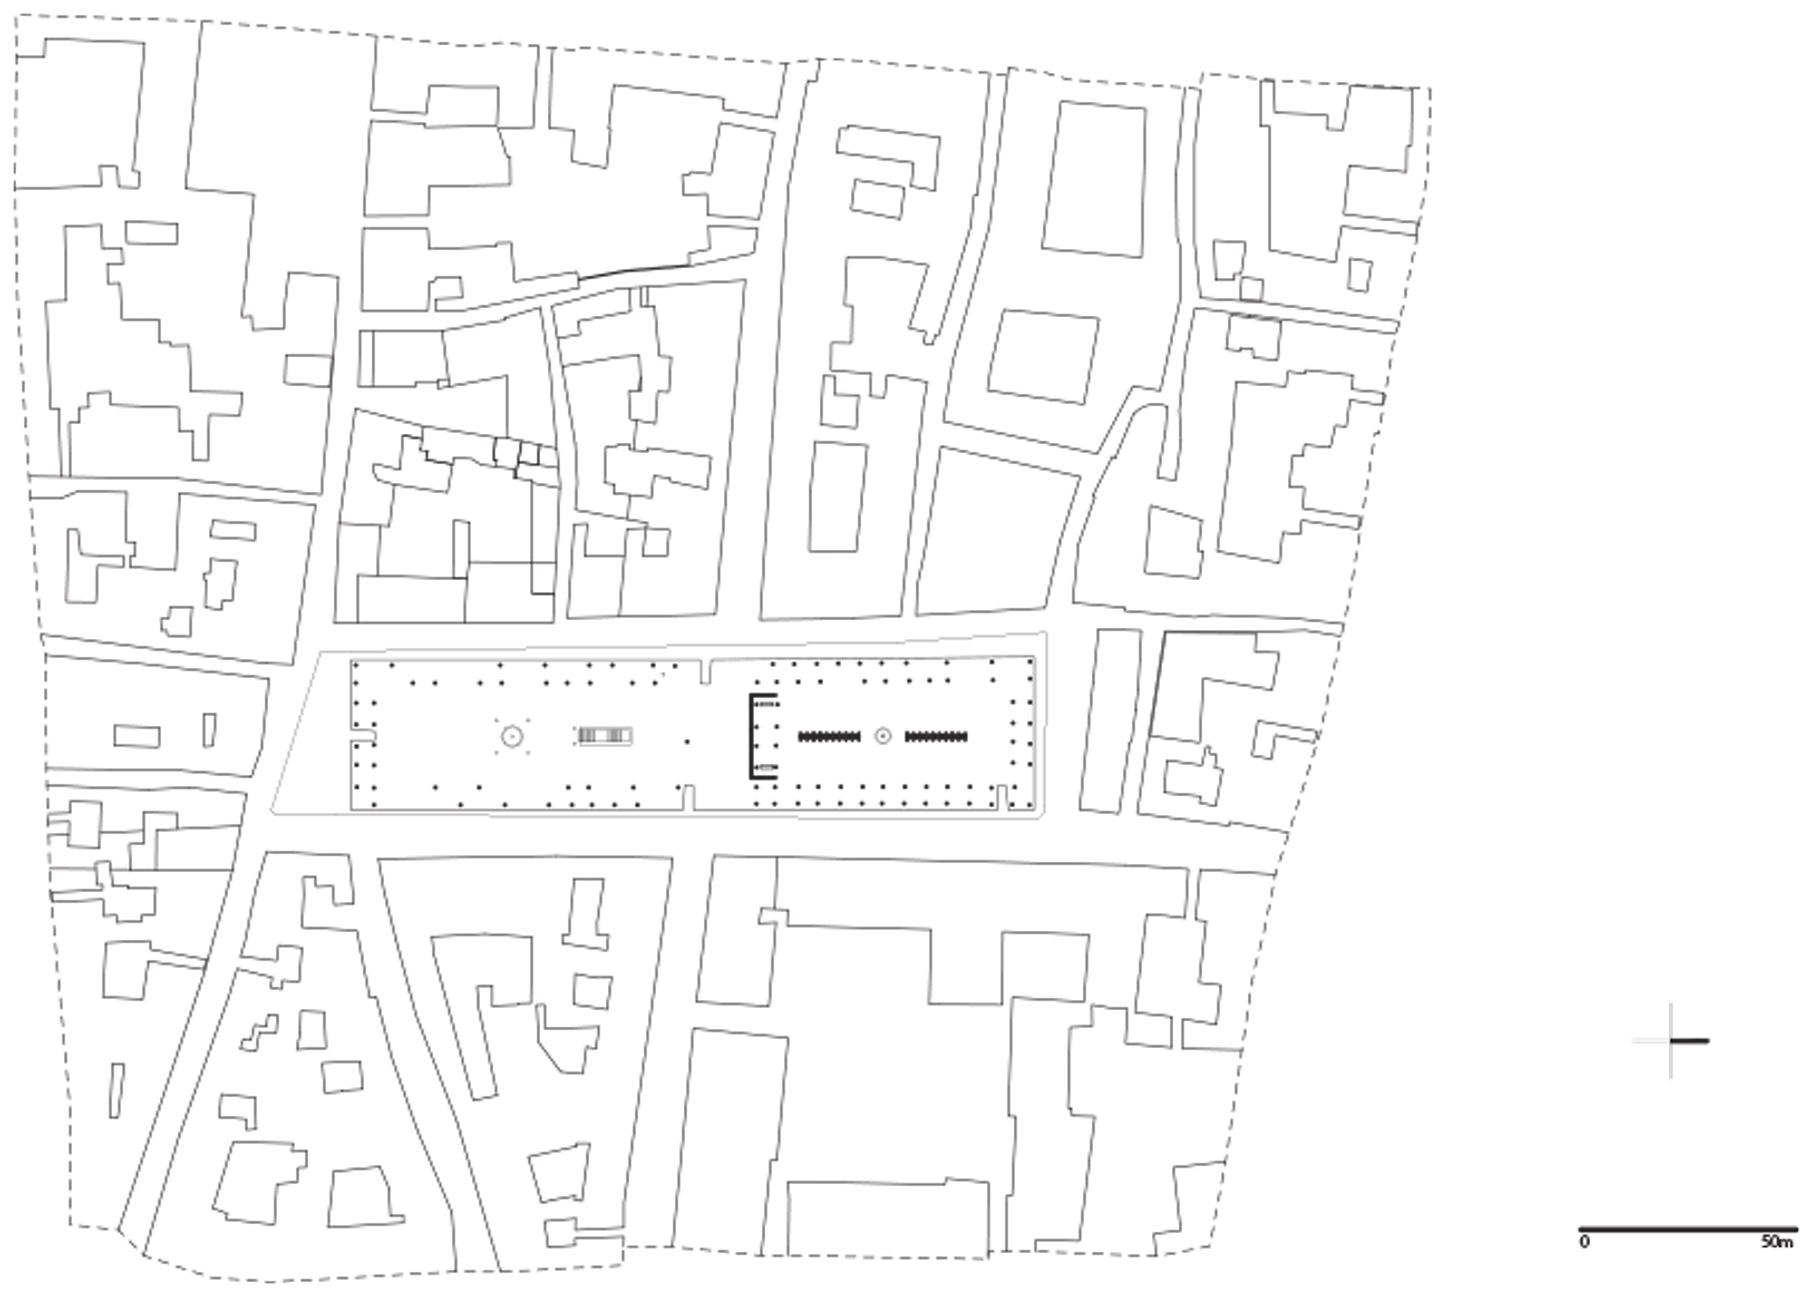 Planimetria generale del Museo Temporaneo dell'Illustrazione